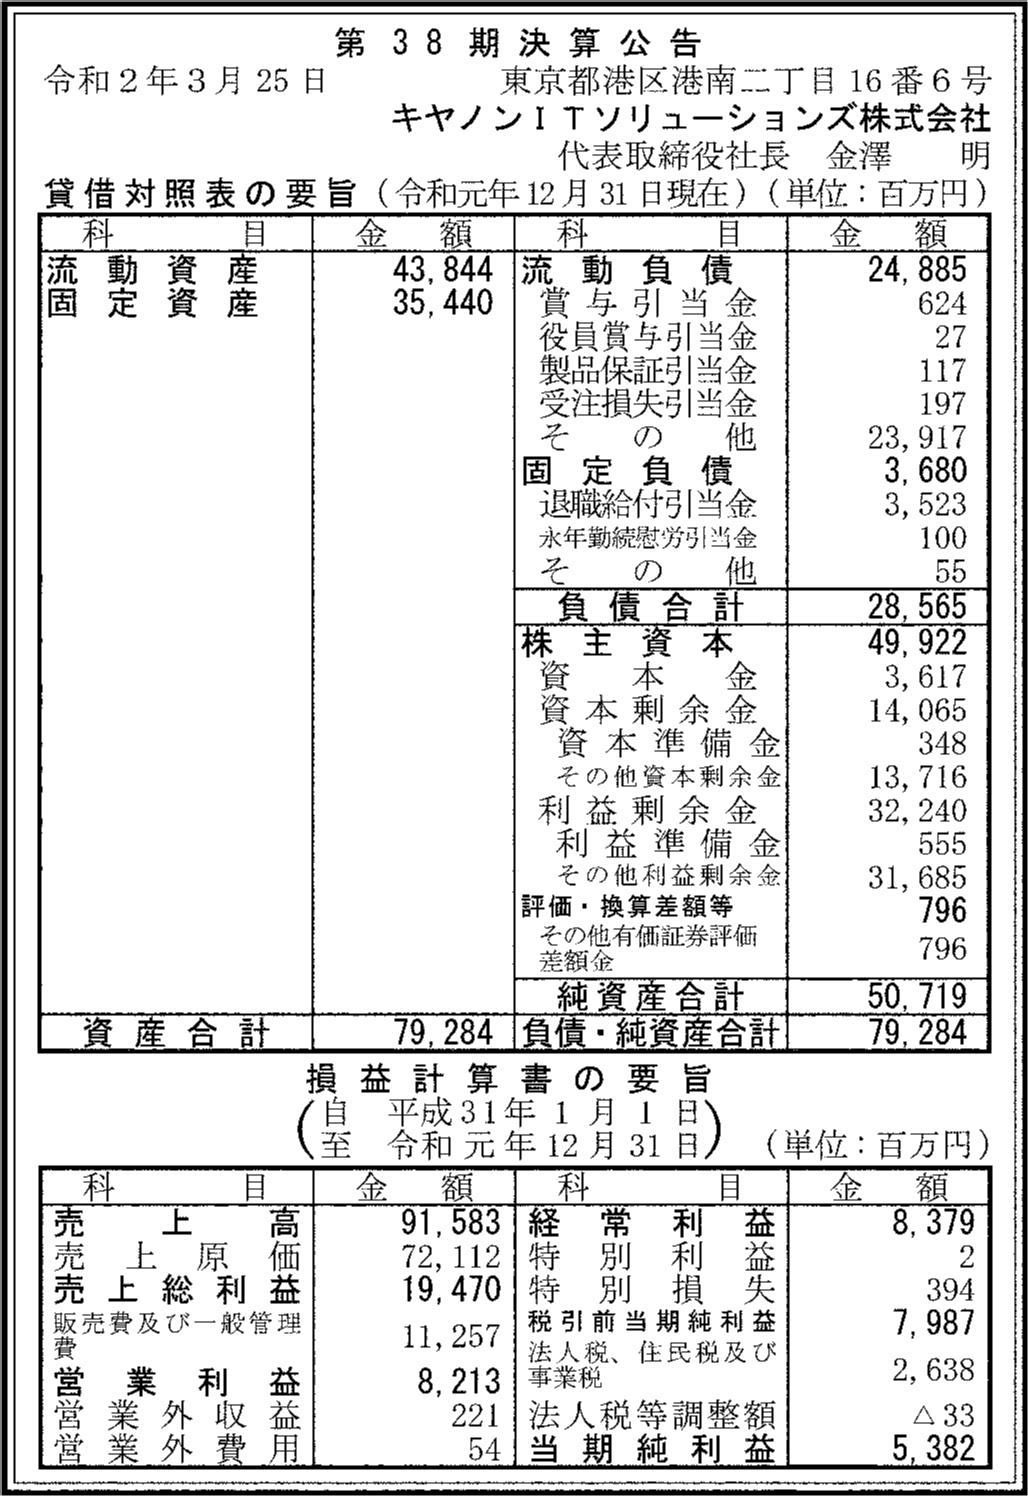 0127 684edc5e04064c46d1809aab62fce7007ccd32810960a88e8497c6ff26be101f1ff7c4b1f0d8f172d27450dfeb6a02d66299caf39c10afe126ce828e584ff9cc 04